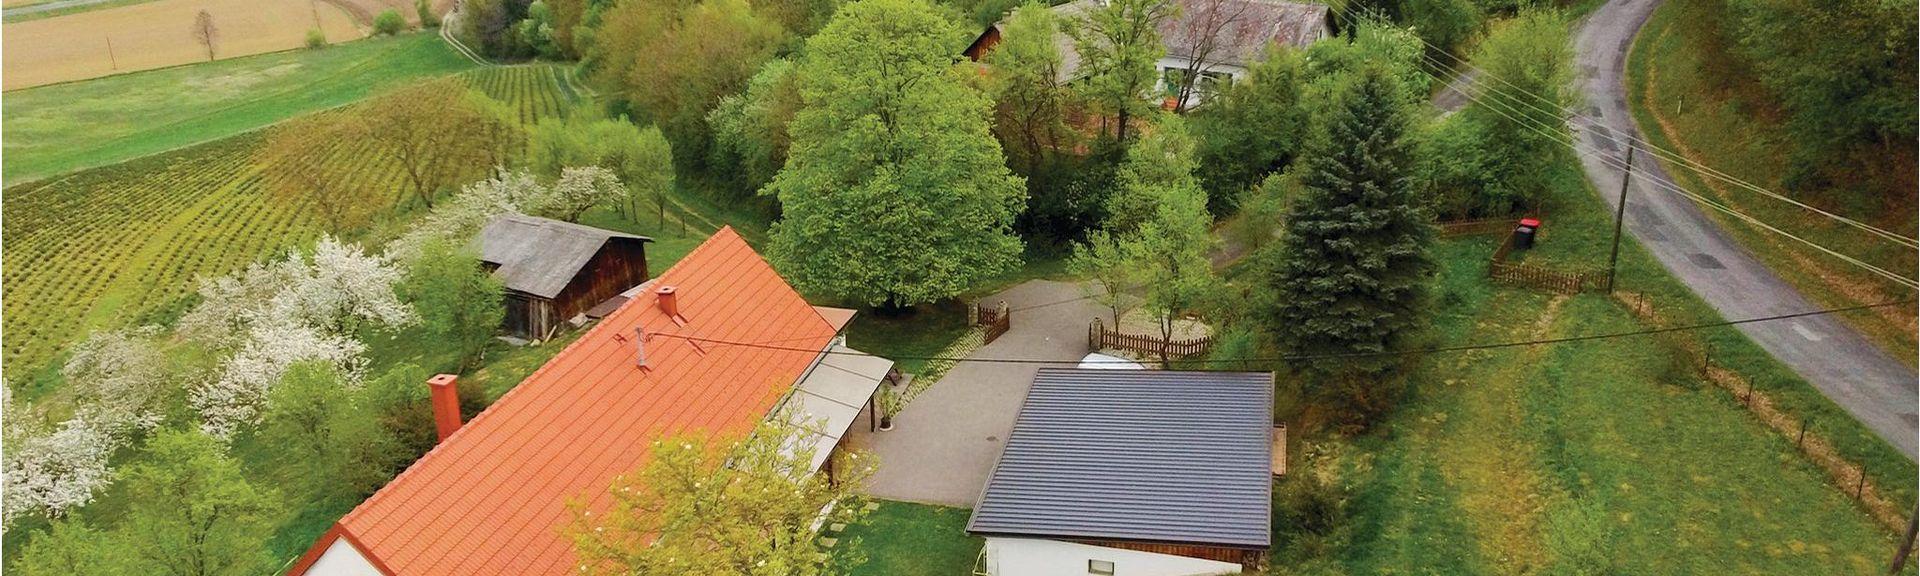 Stegersbach, Burgenland, Oostenrijk